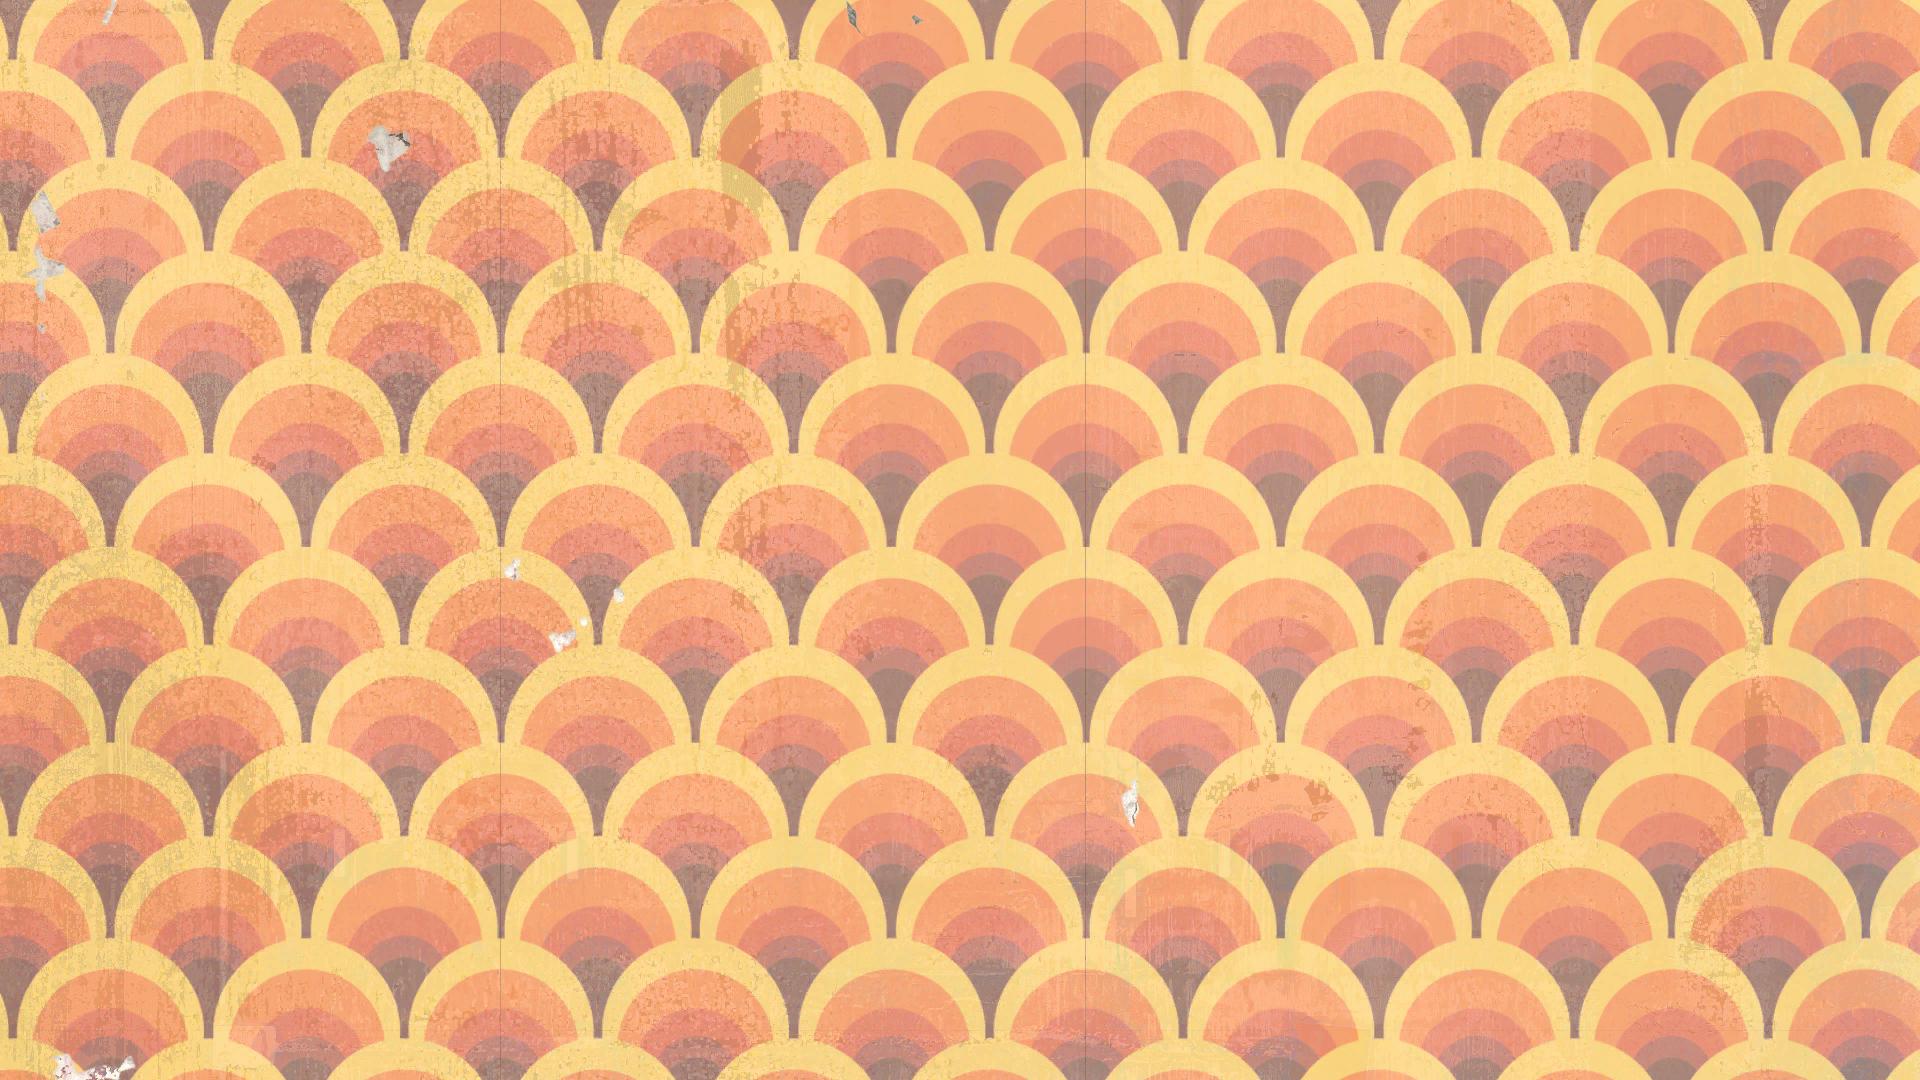 wallpaper_retro_02.png.f3917028e0ac2d8a8a0d0d294105ce97.png